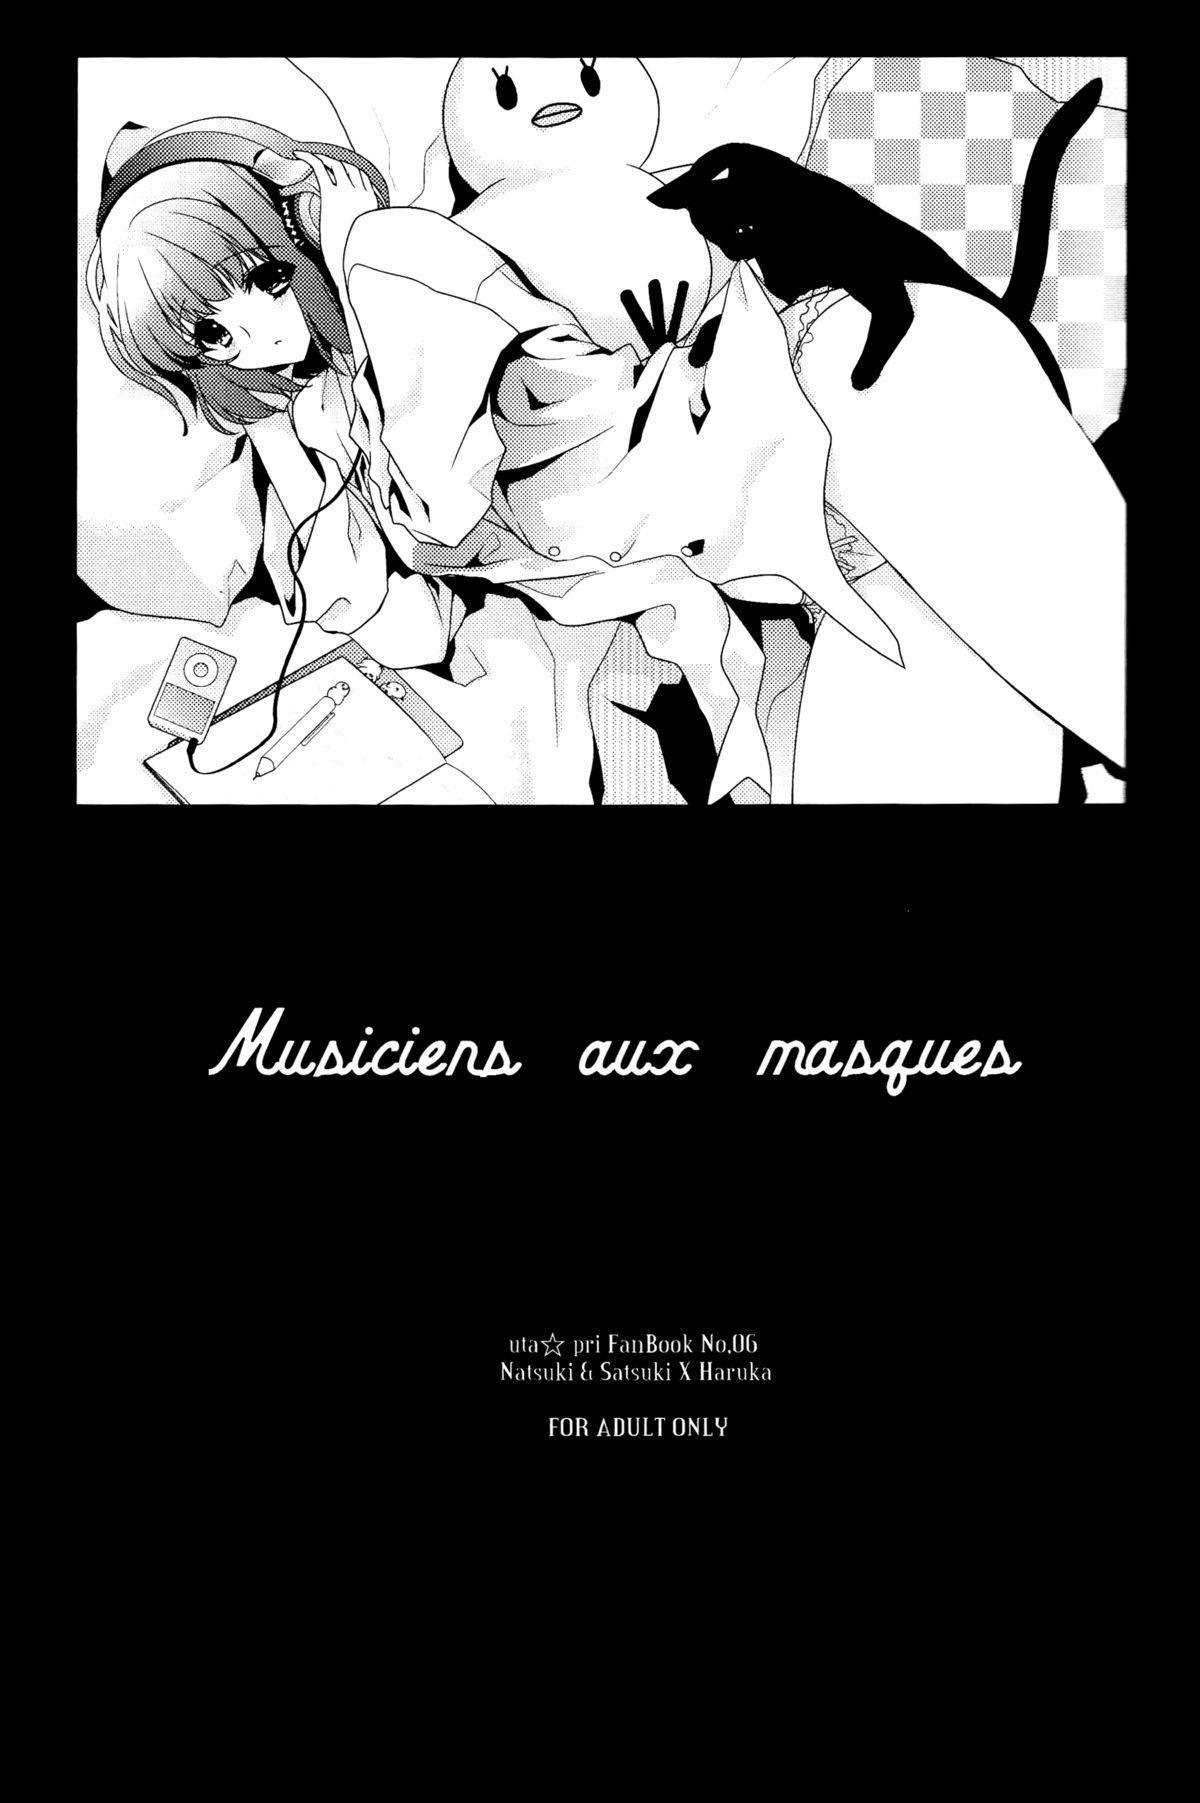 Musiciens aux masques 1